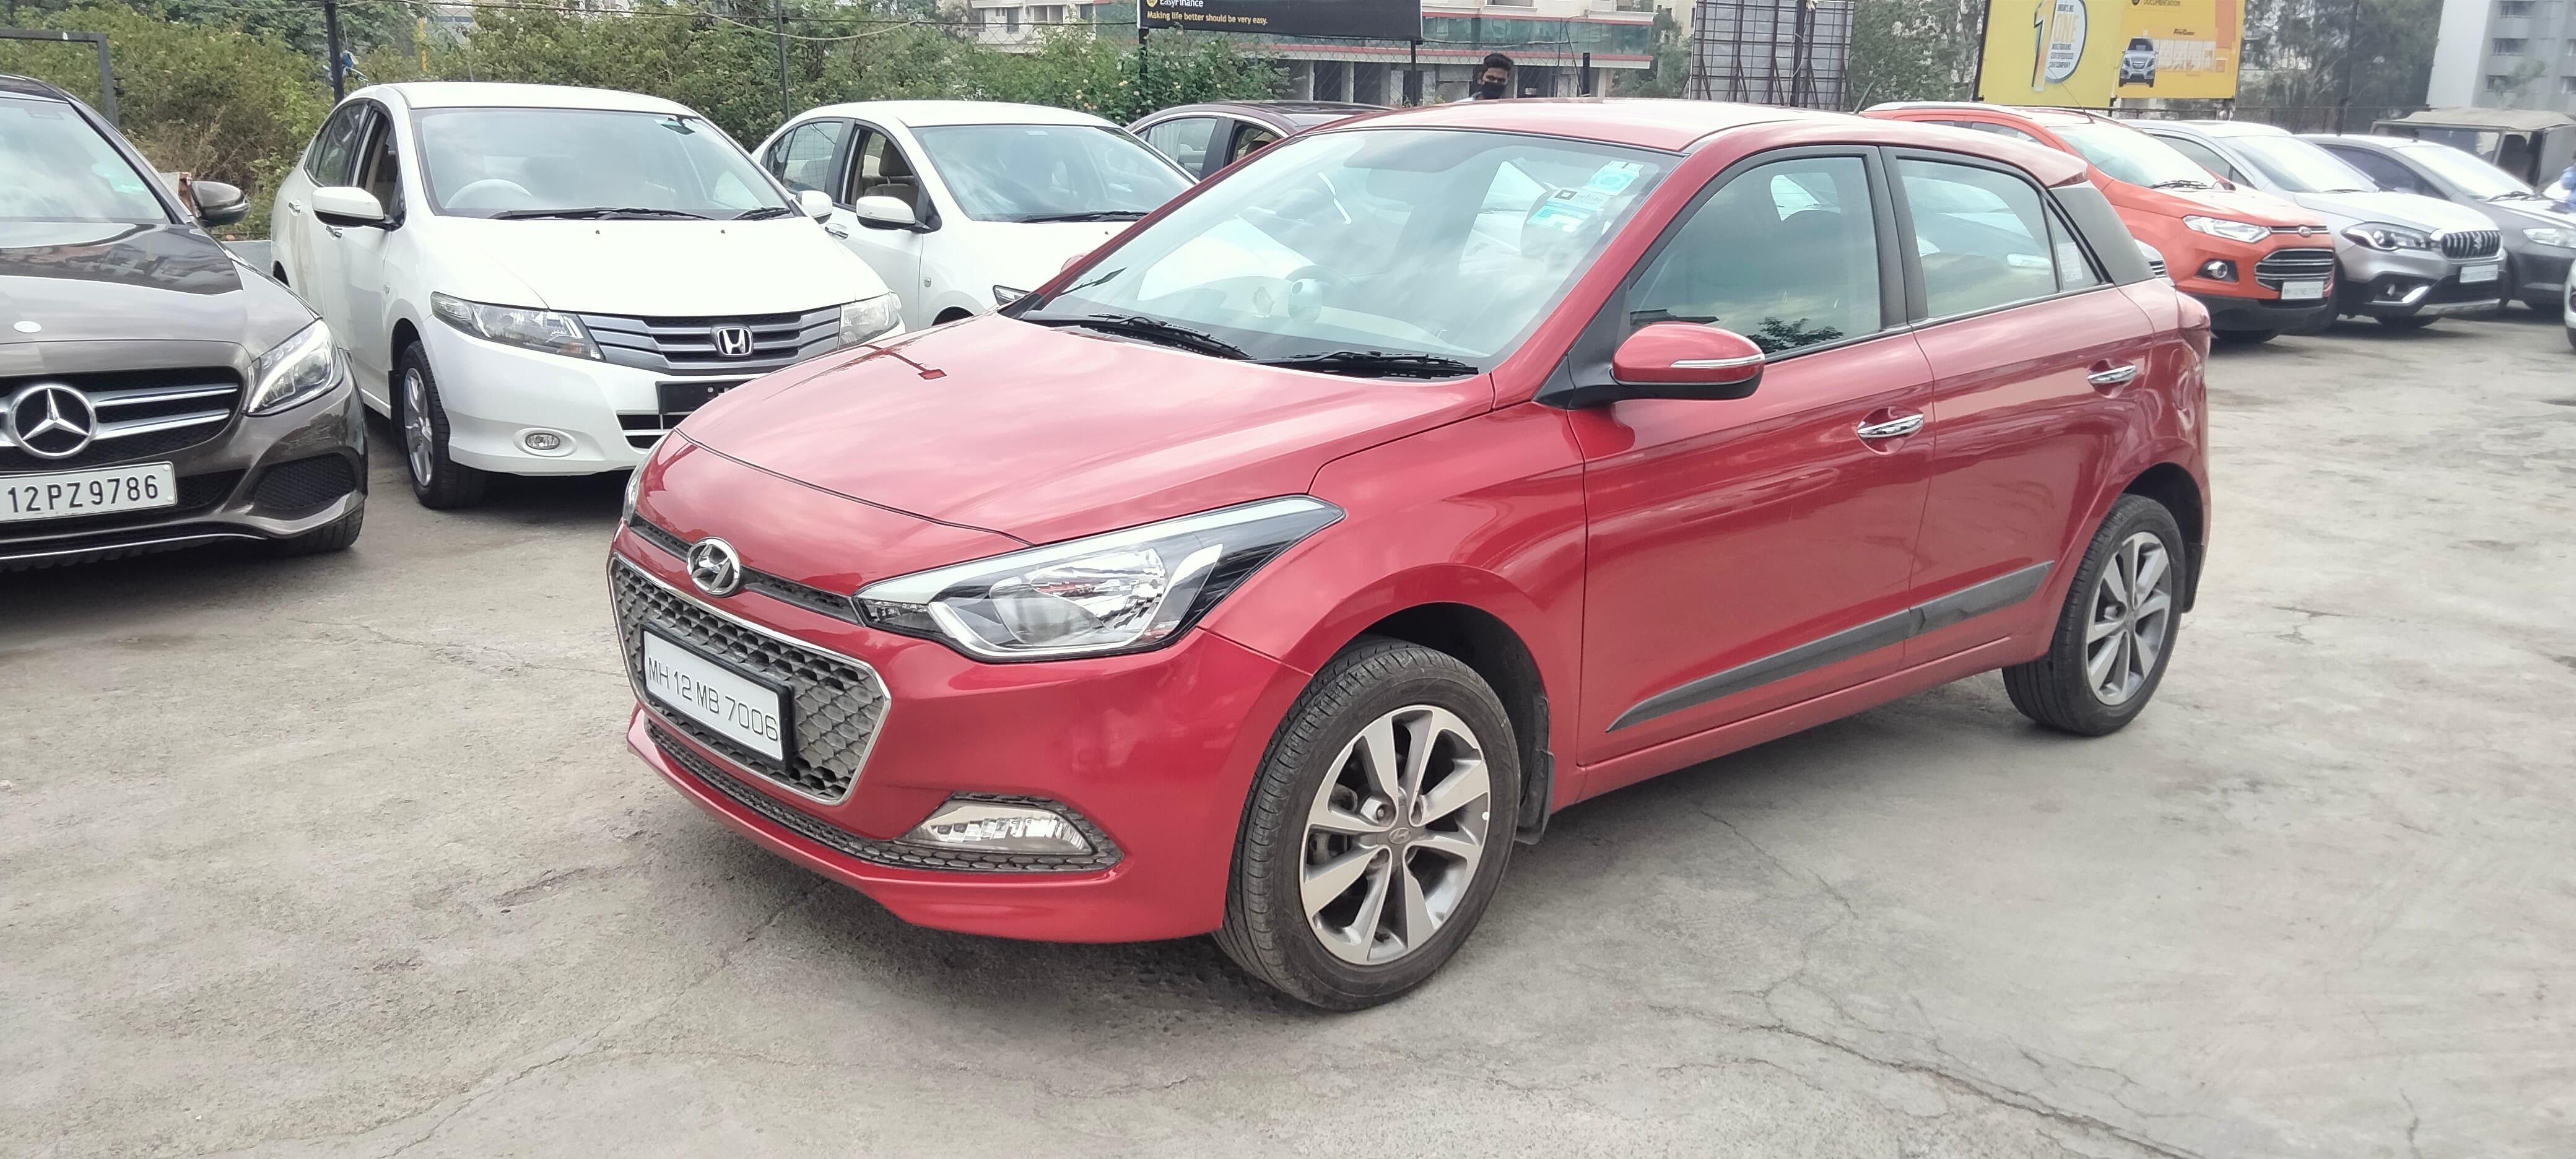 Hyundai i20 2015-2017 Sportz Option 1.2